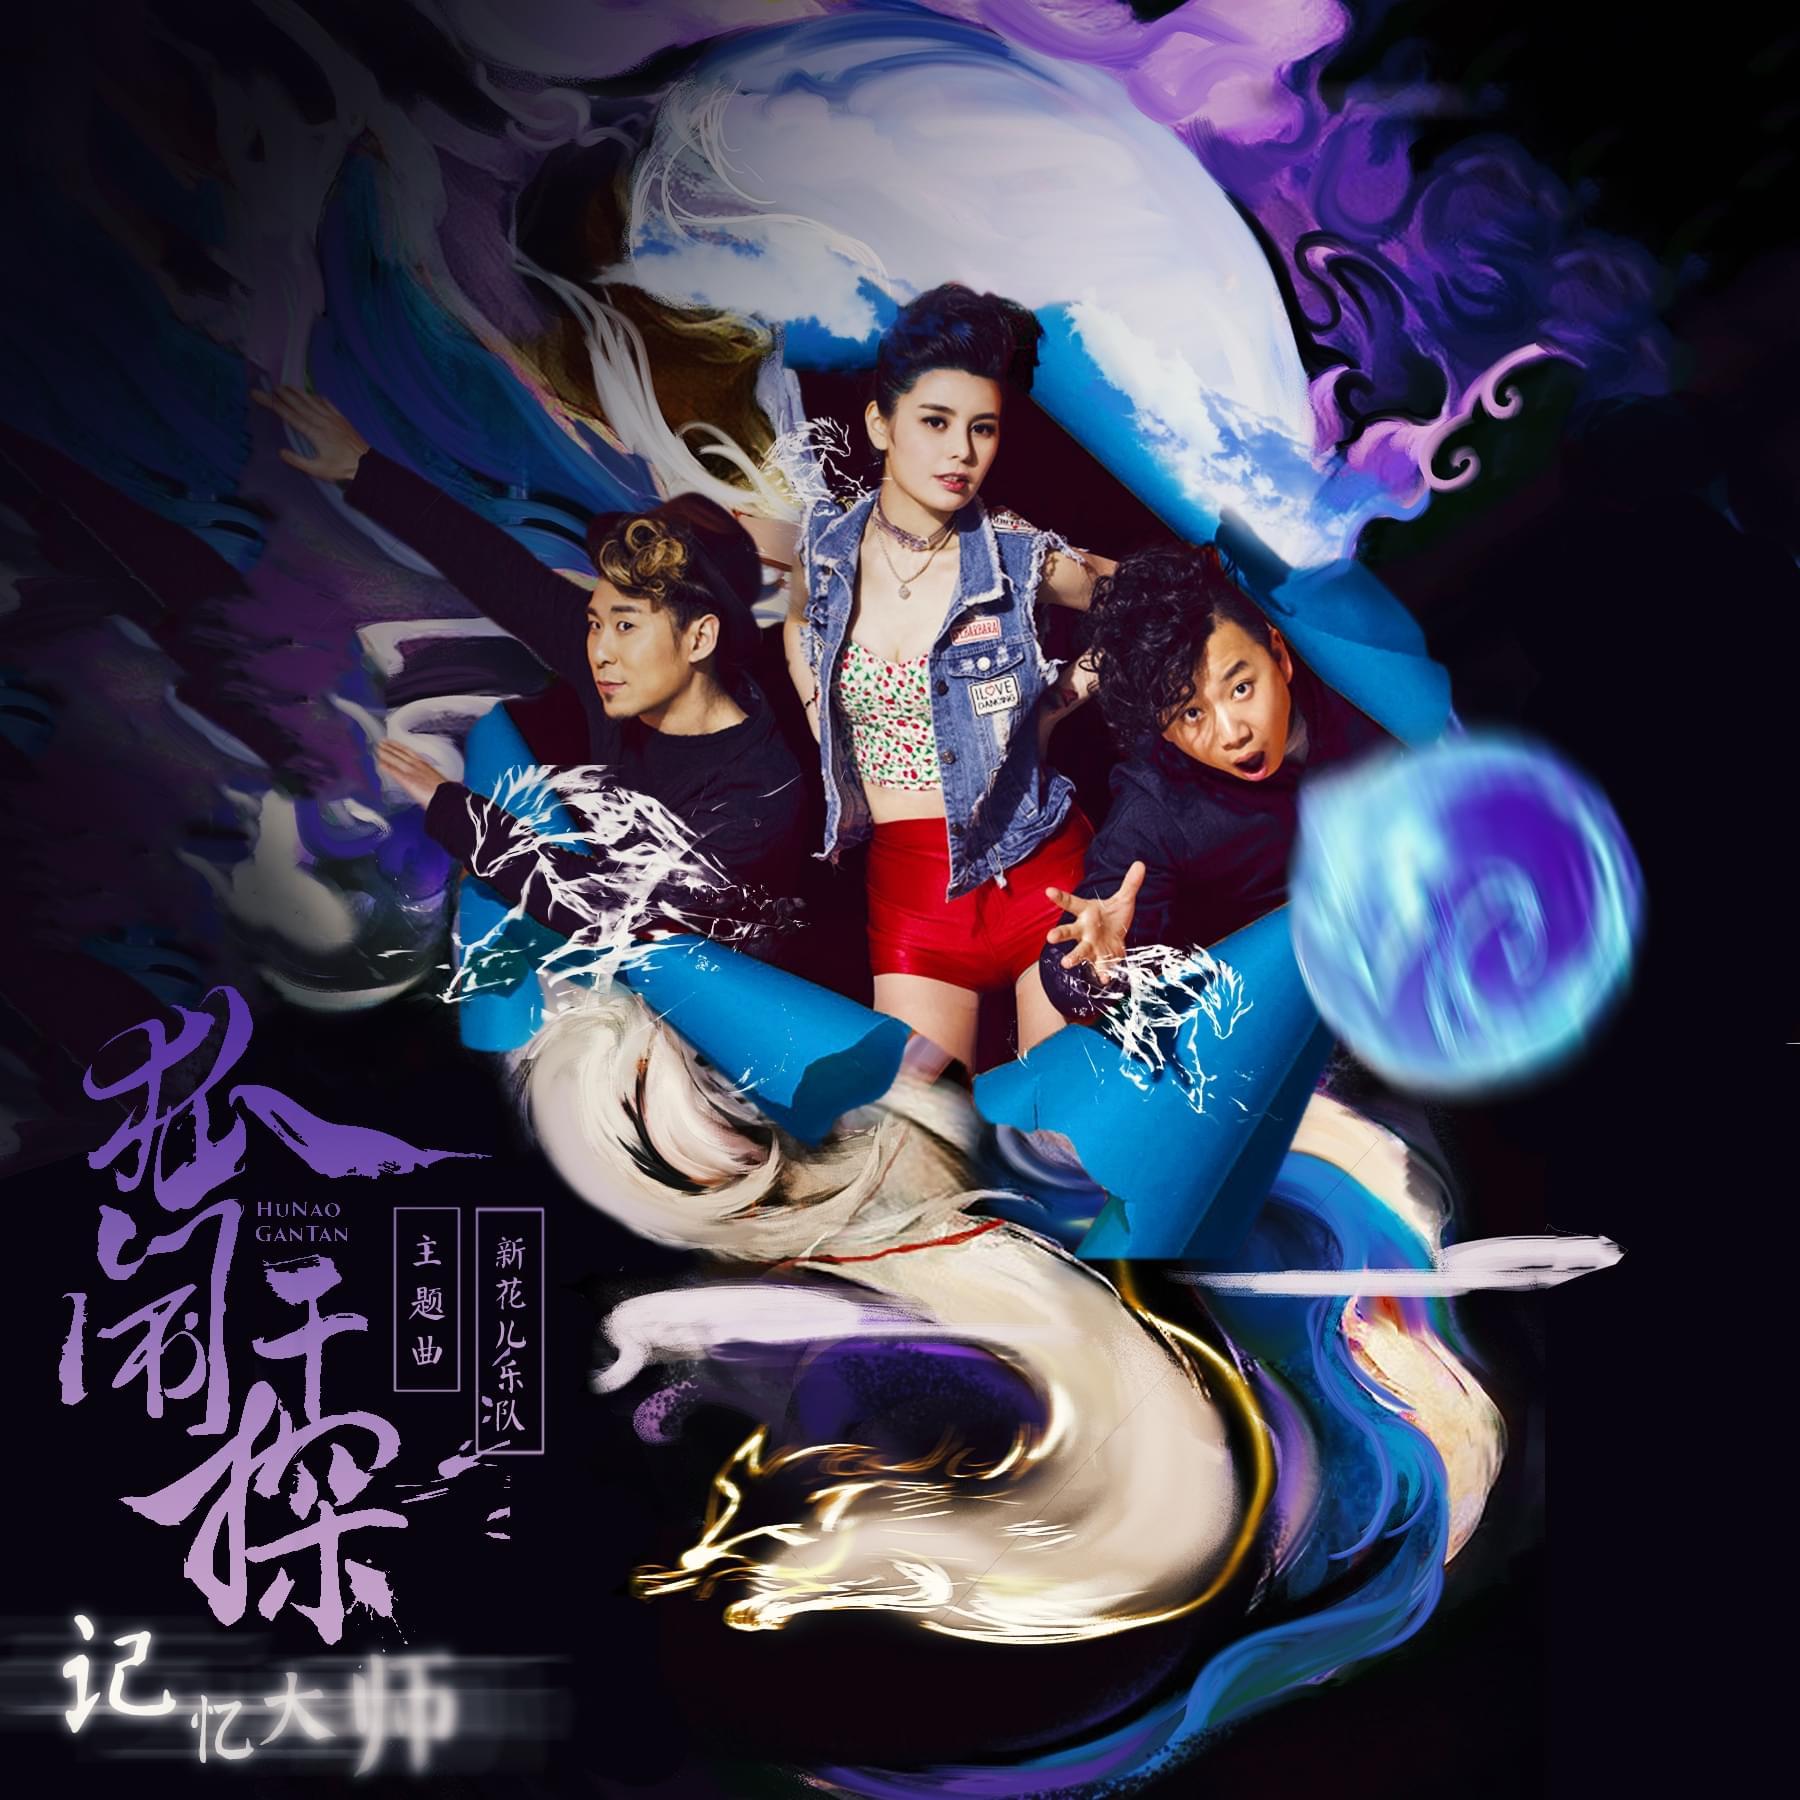 小爱与花儿乐队新曲发布 诠释锁不住的记忆忧愁